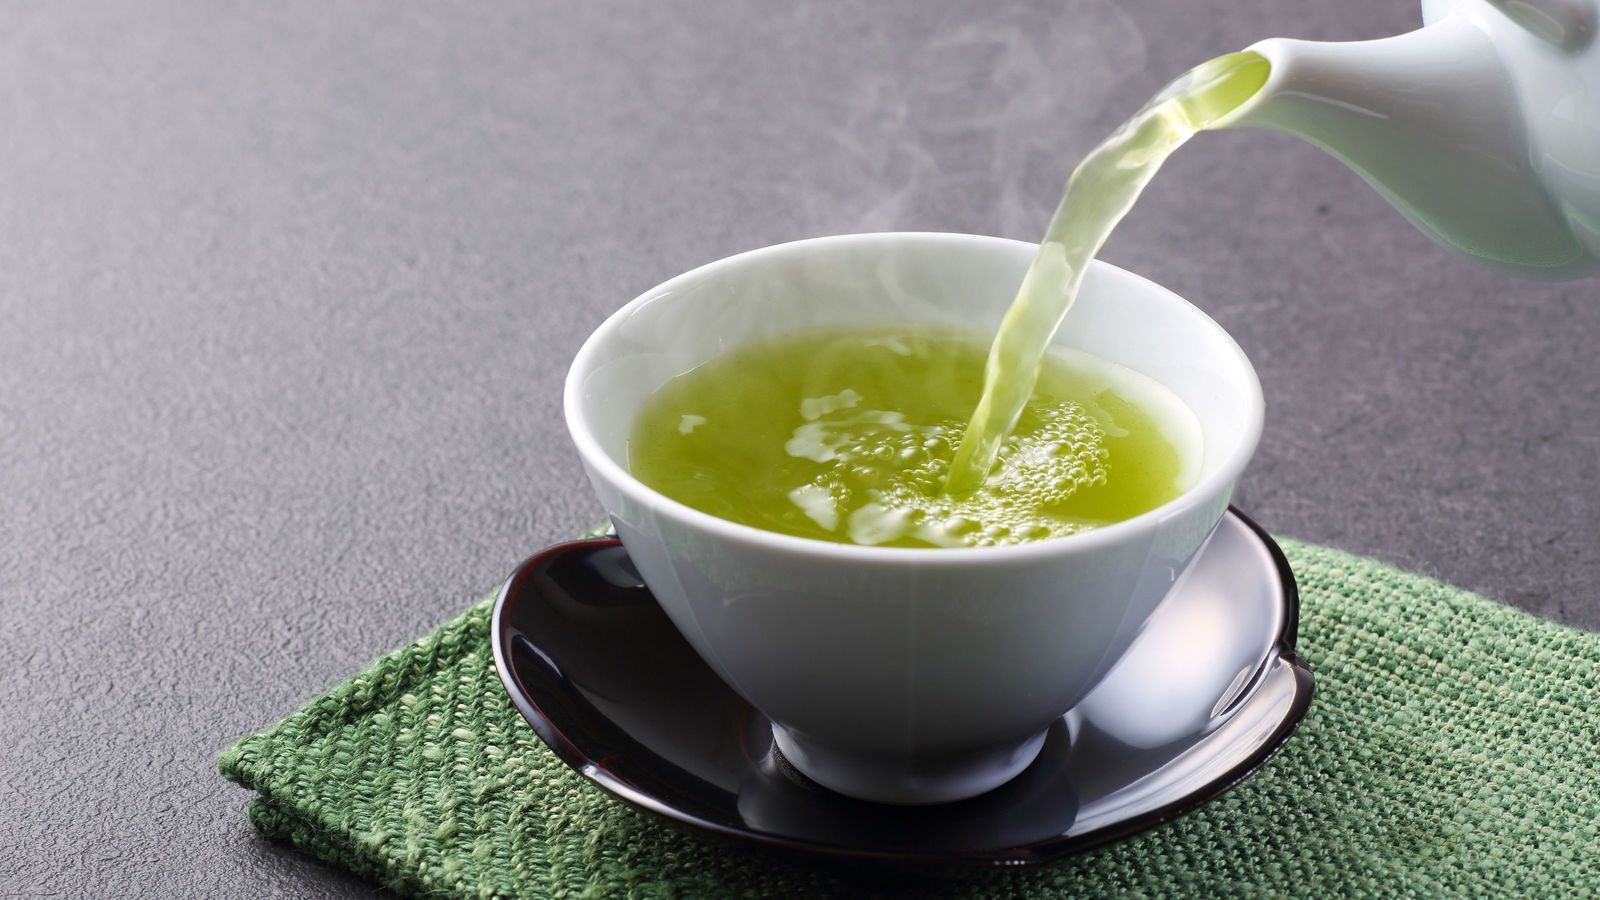 あなたVS緑茶「栄養素の宝庫」緑茶を飲むと死亡リスクが下がる カテキンに感染症予防の力あり